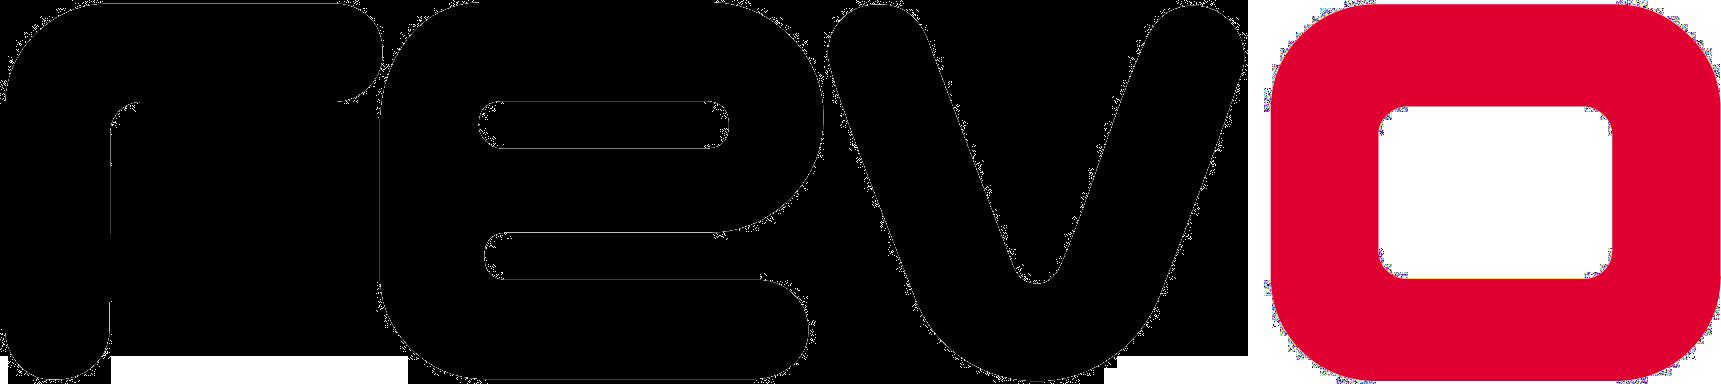 logo_revo_vag